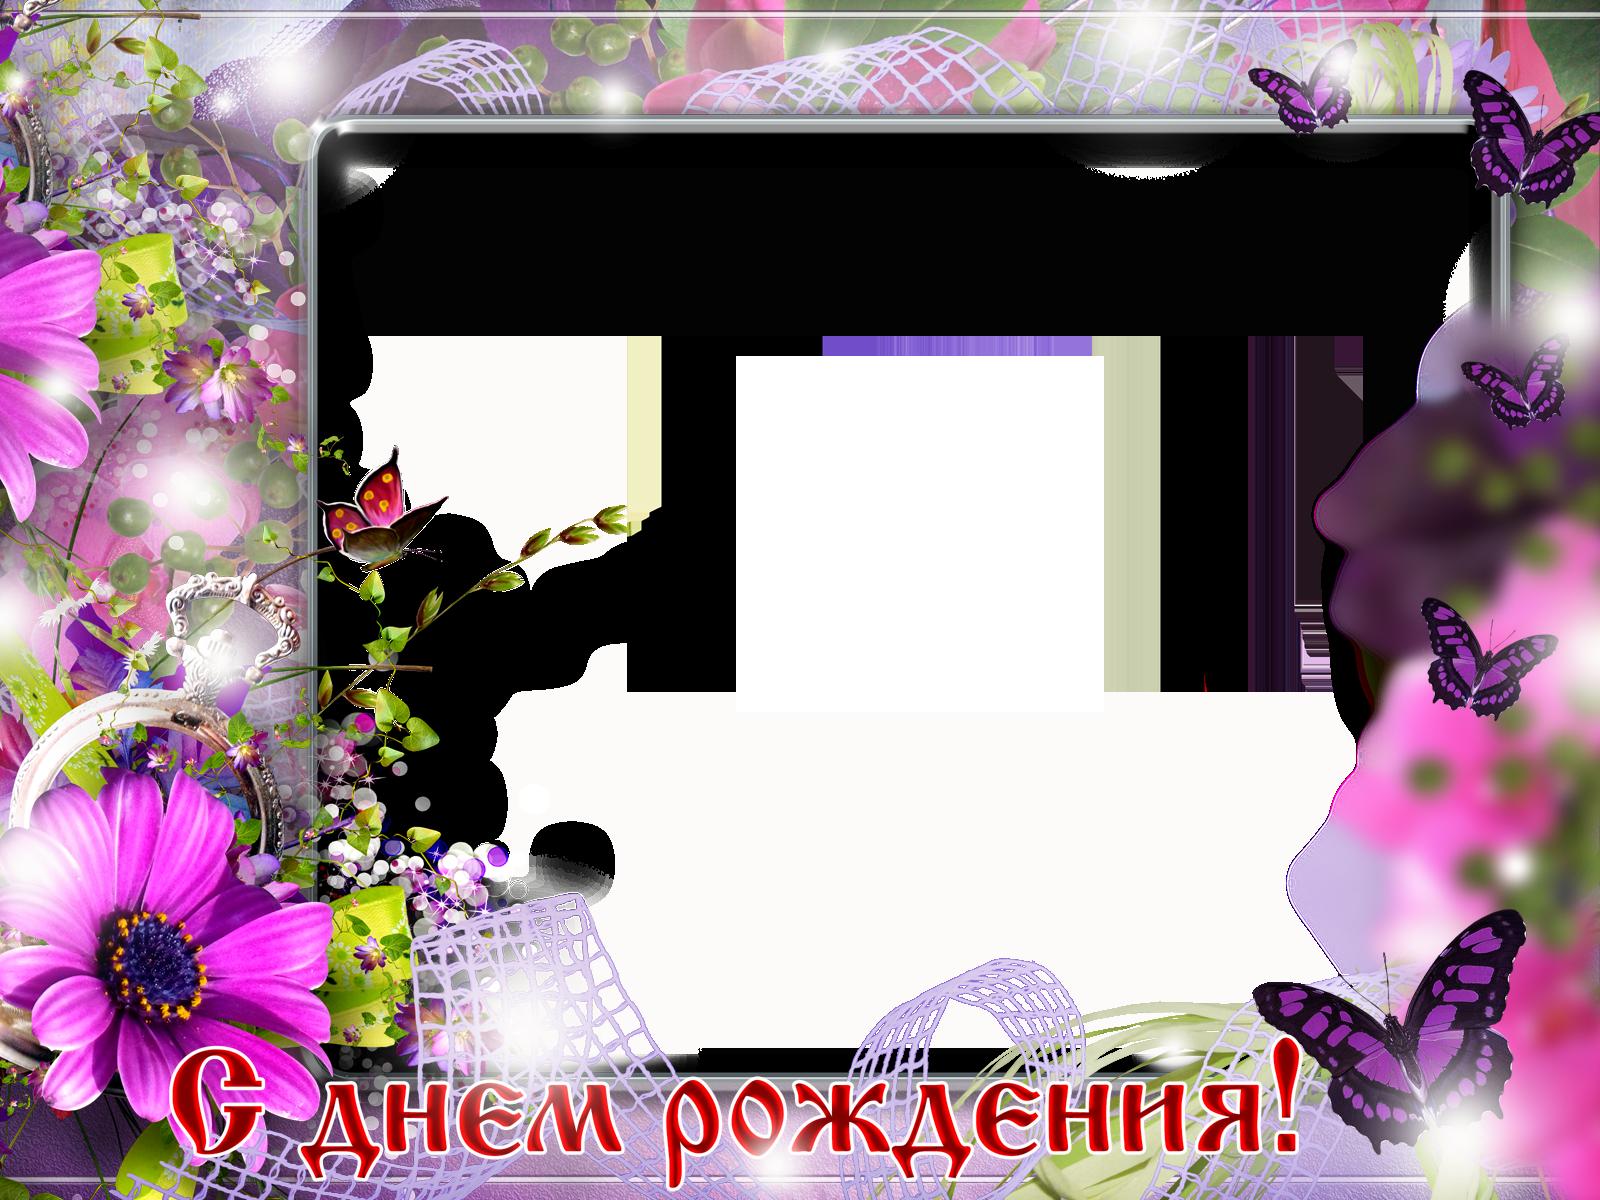 Фоторамка С Днем рождения! Фоторамка для фотошопа, PNG шаблон.